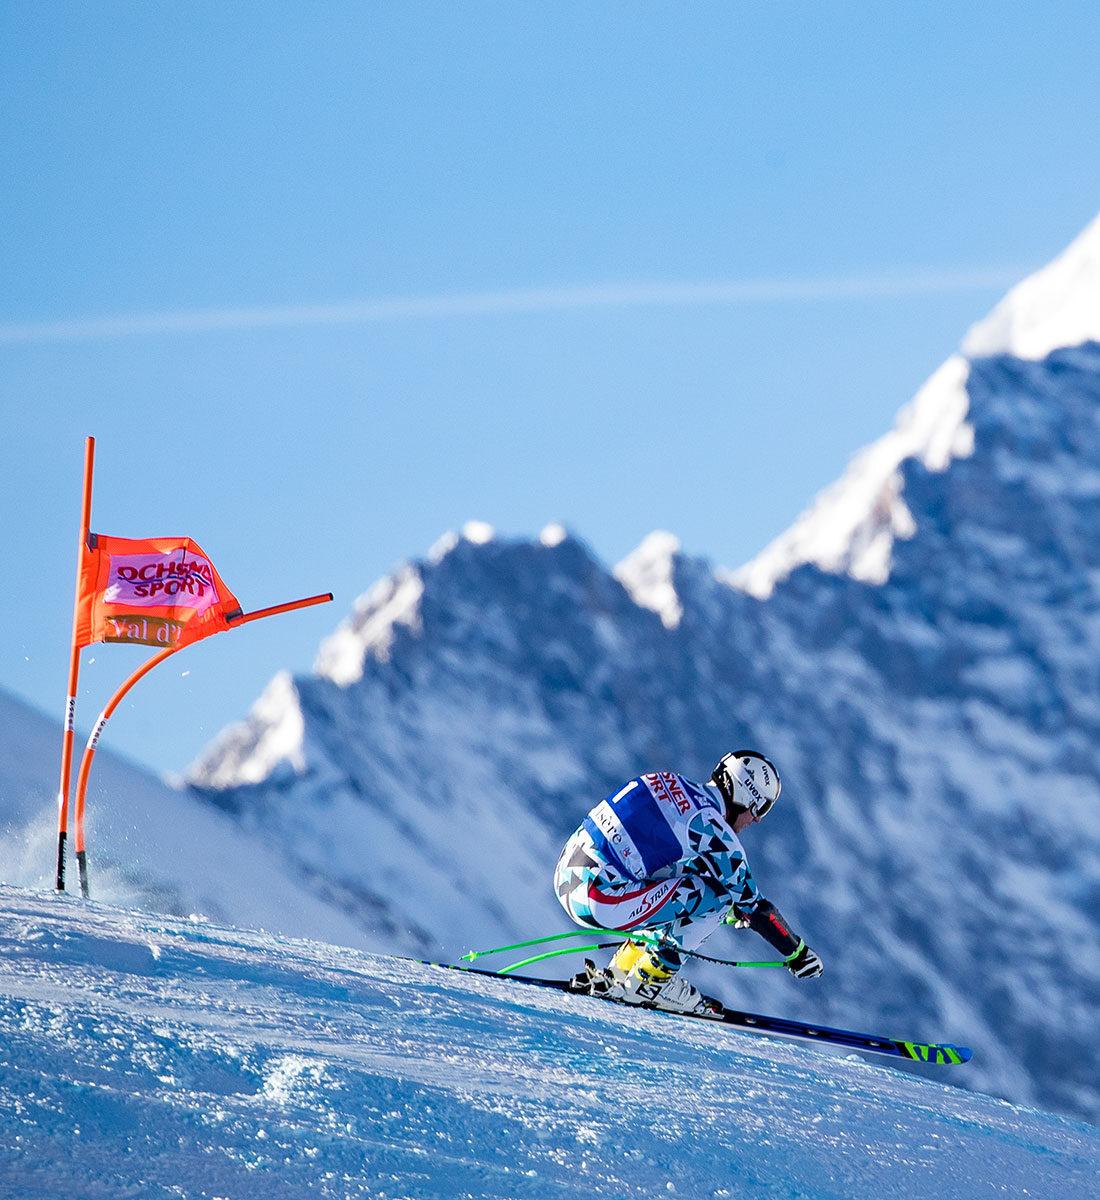 Hannes Reichelt, Val d' Isere, Erich Spiess